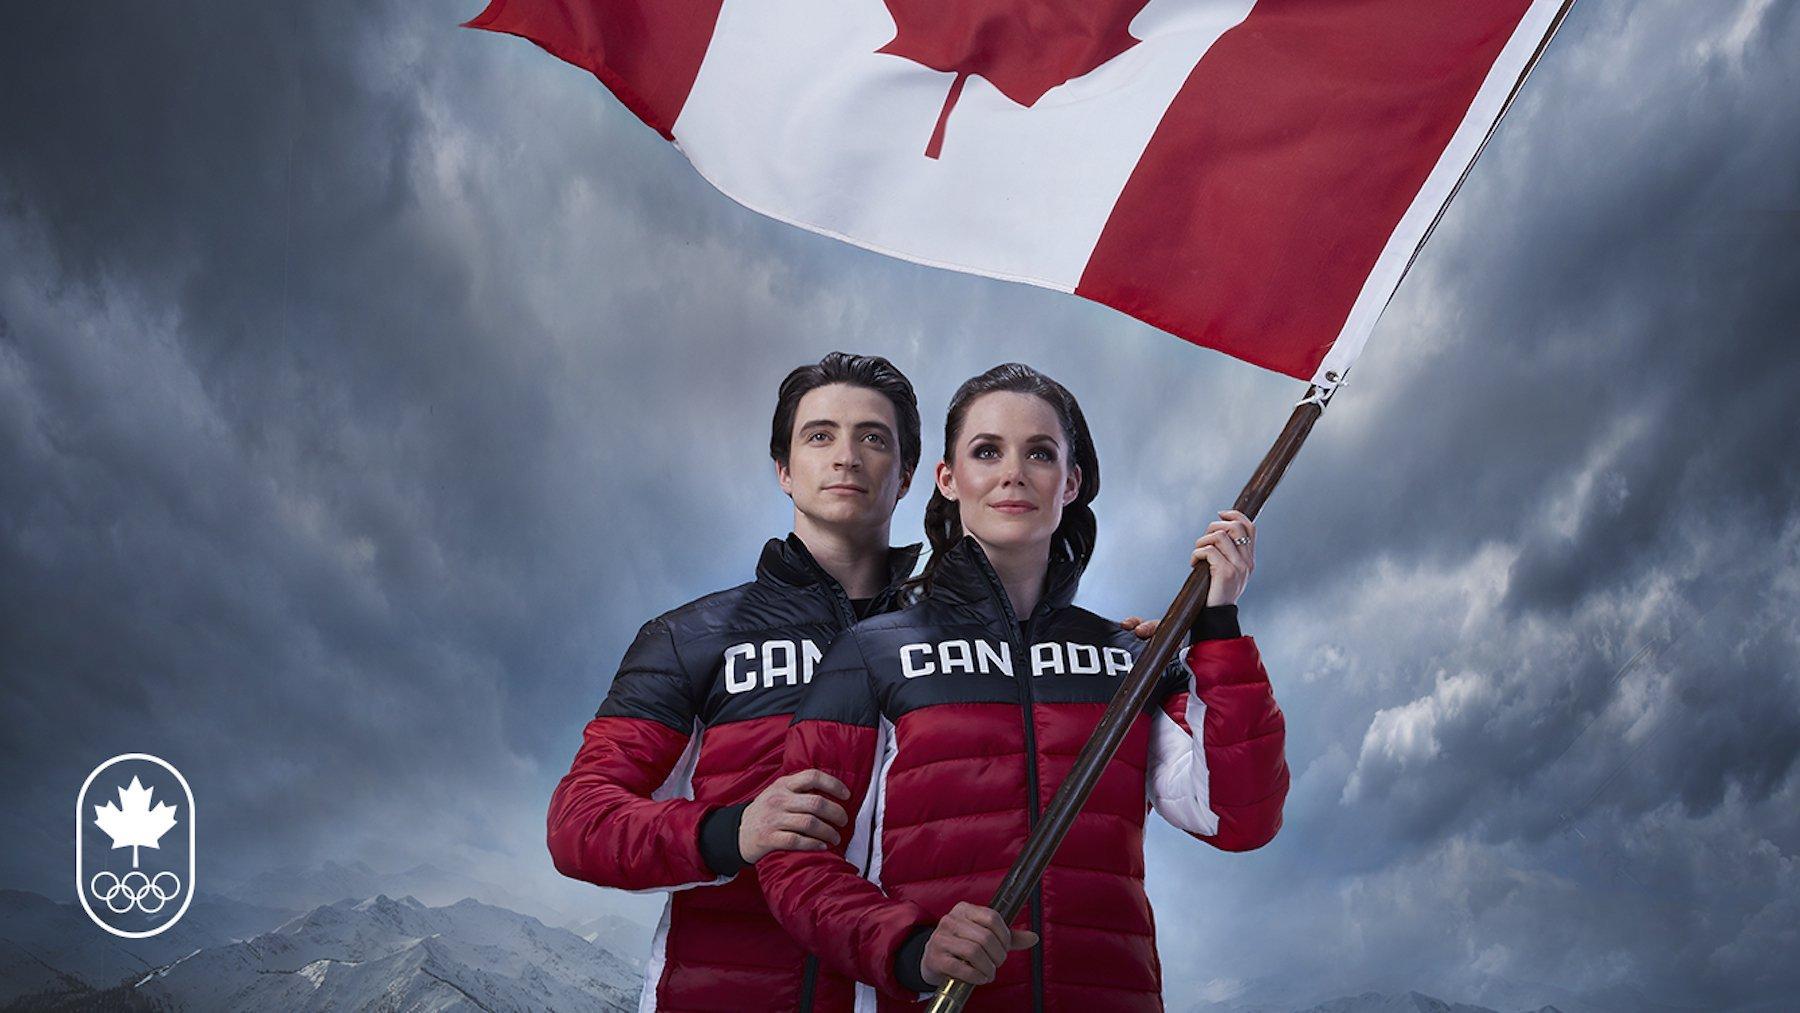 La pareja perfecta en los Juegos Olímpicos de Pyeongchang 2018